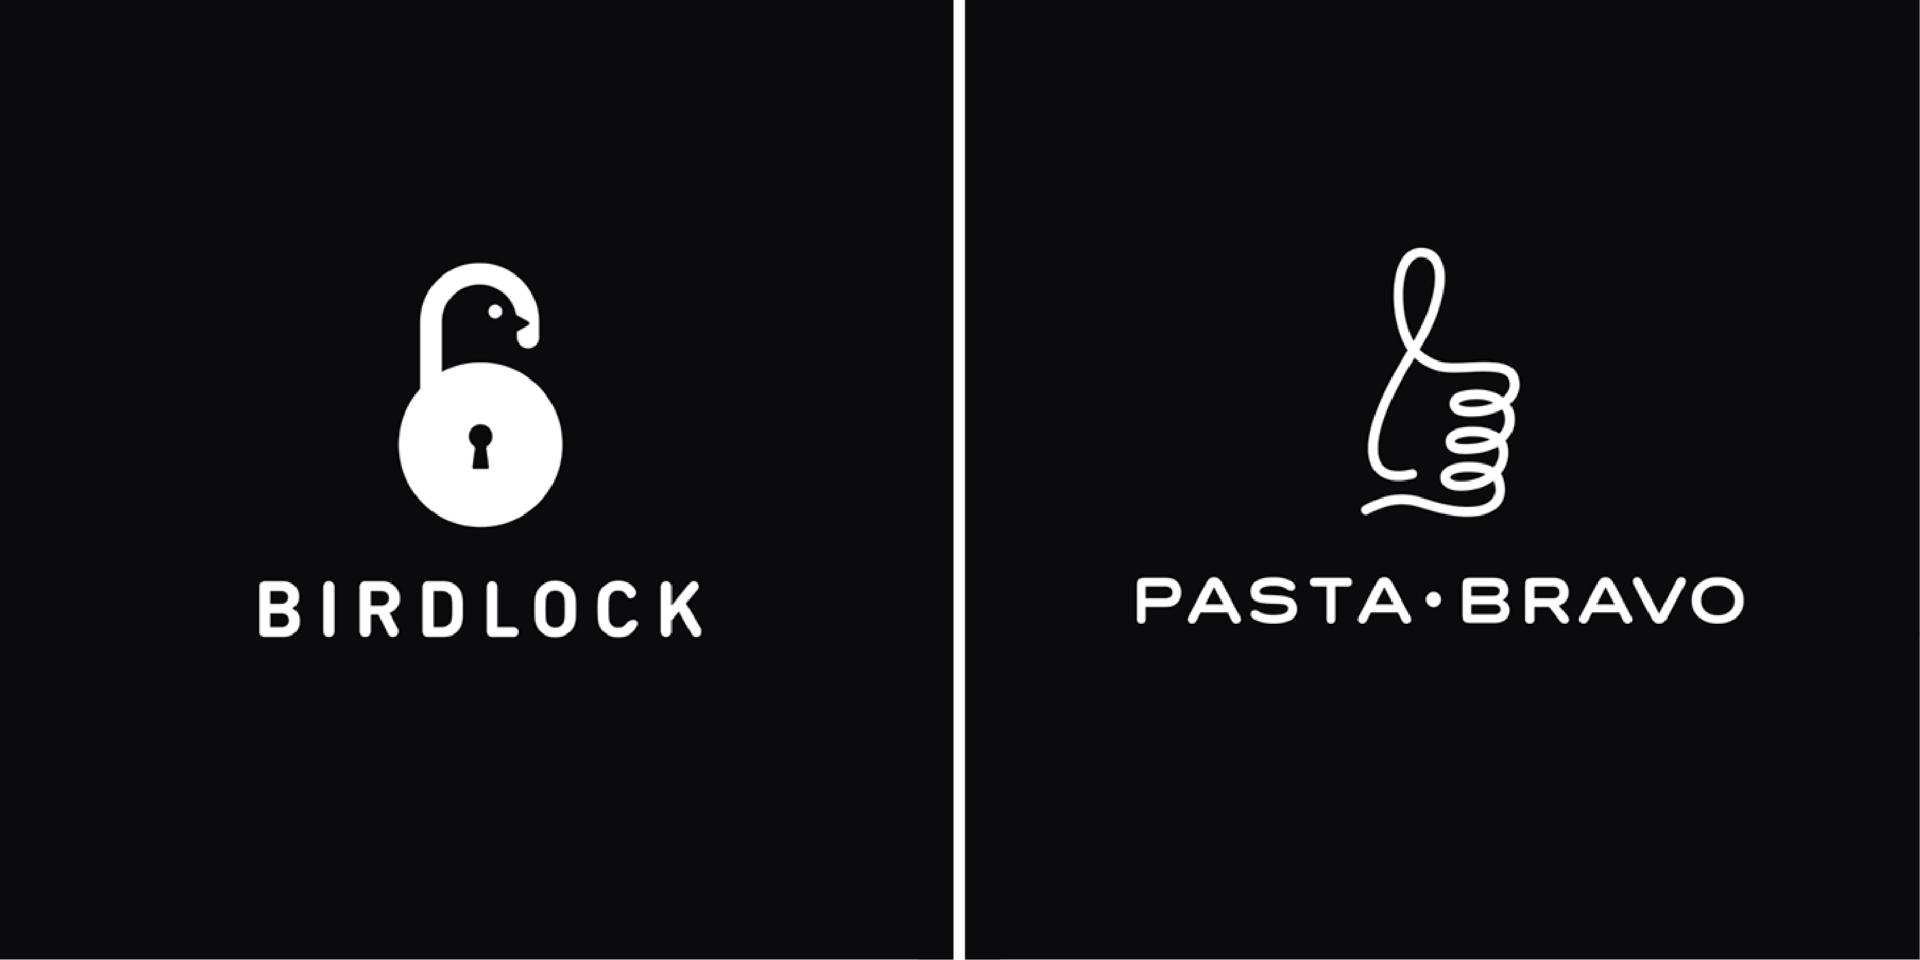 20 ejemplos de logotipos con diseños y significados ocultos